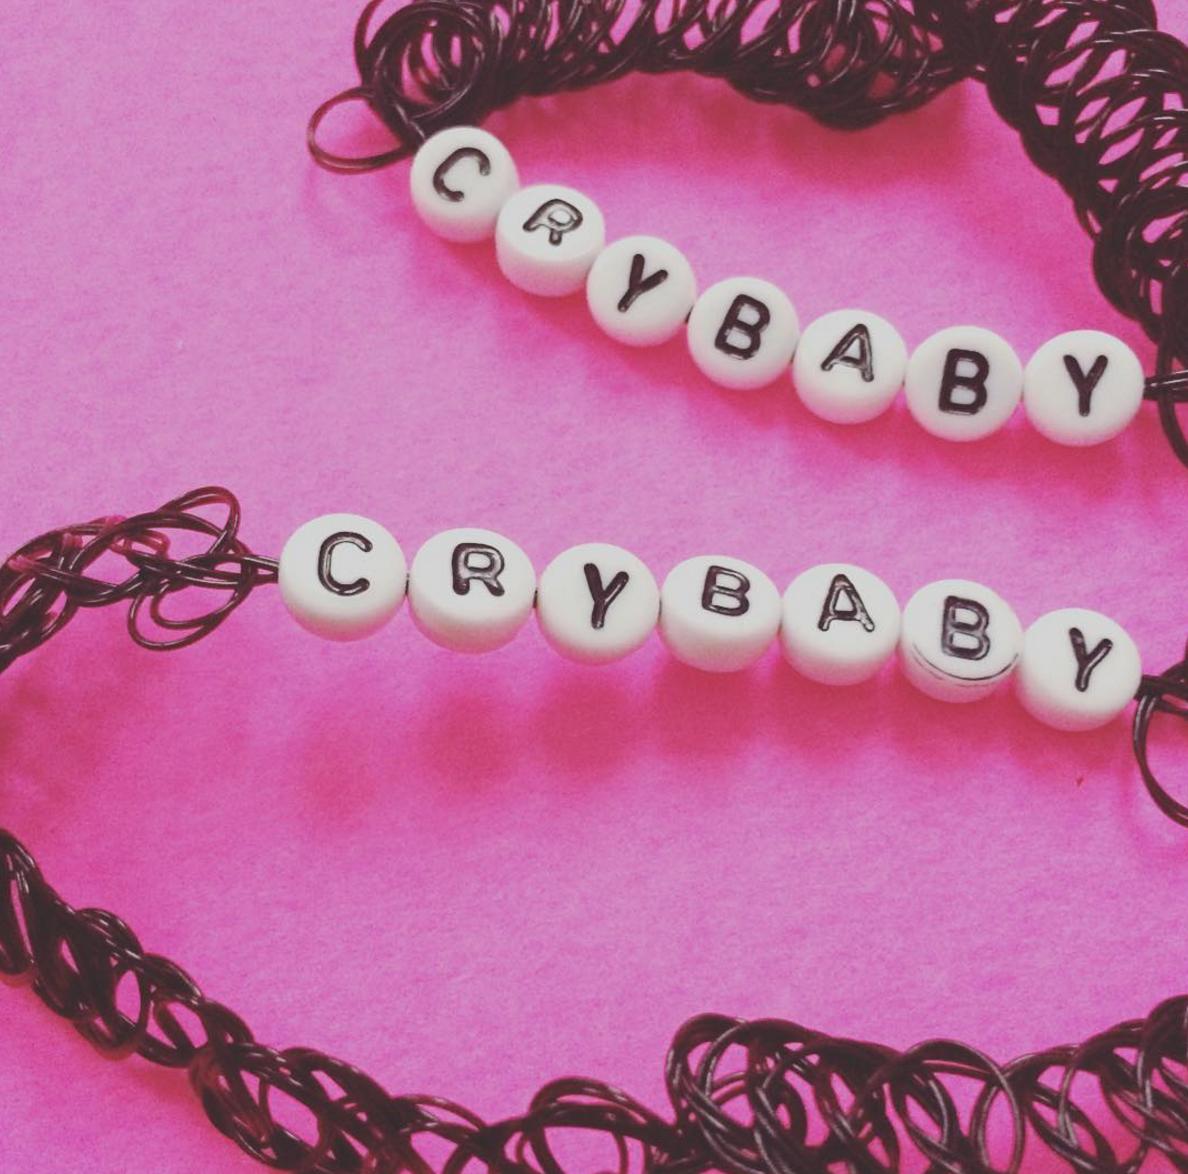 crybaby, necklace, and melaniemartinez image